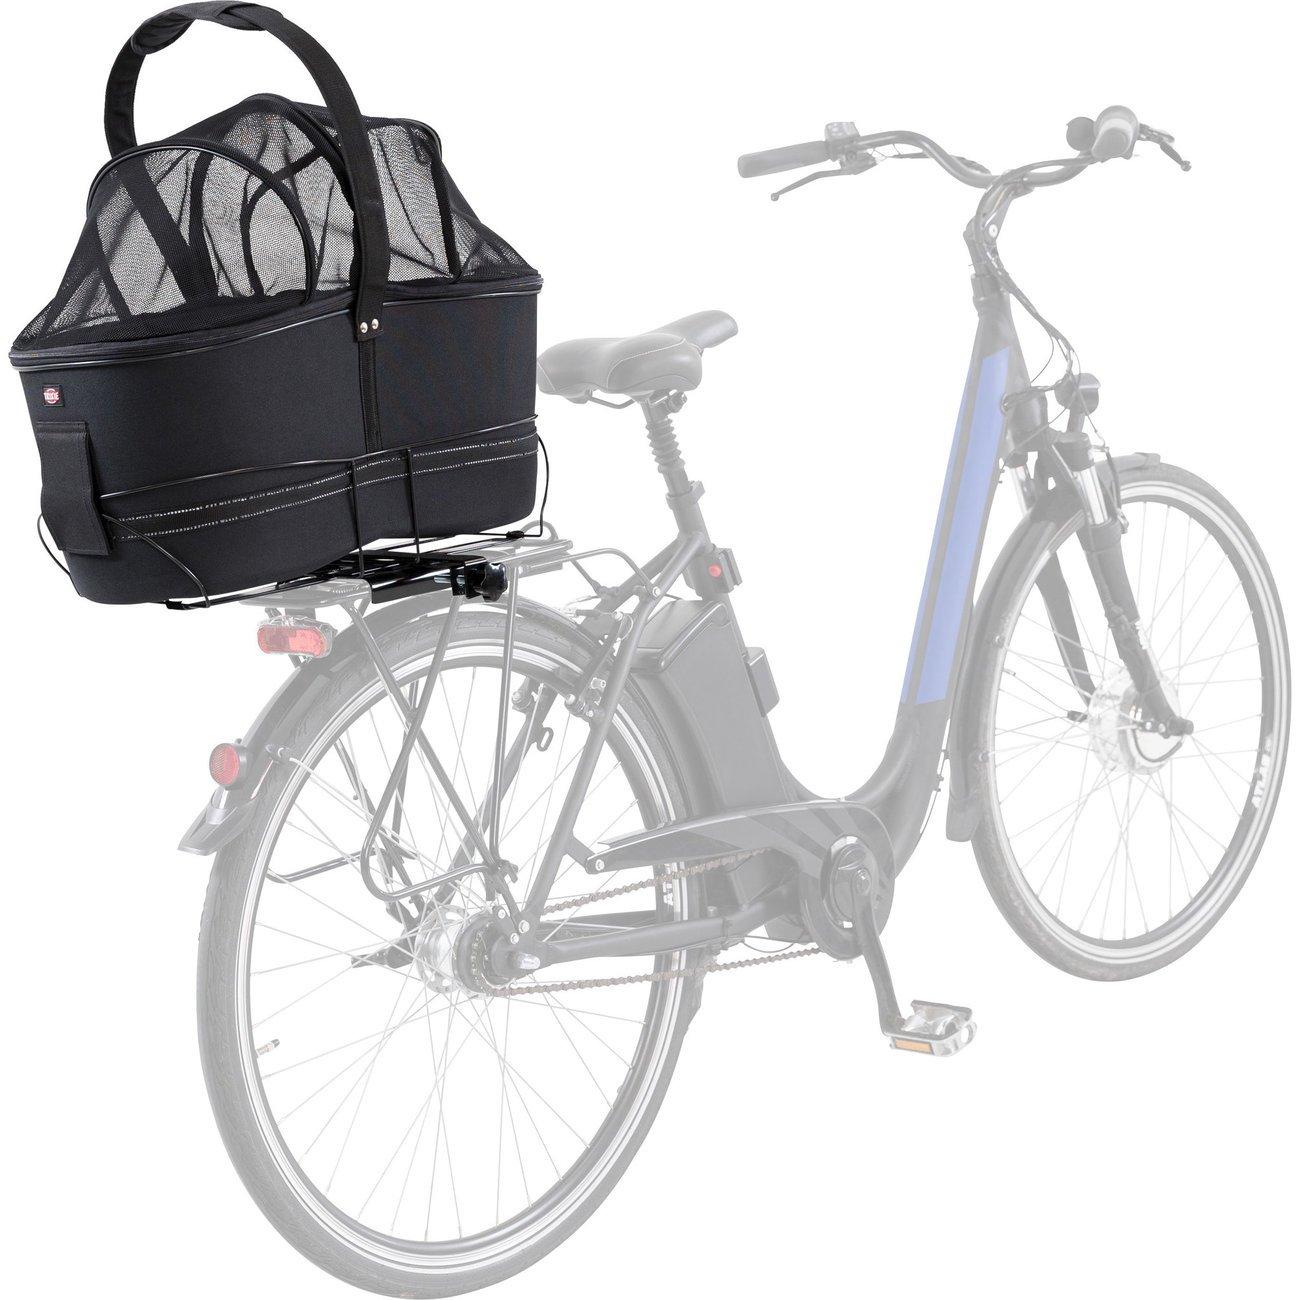 TRIXIE Hunde Fahrradkorb Long für breite Gepäckträger 13110, Bild 5